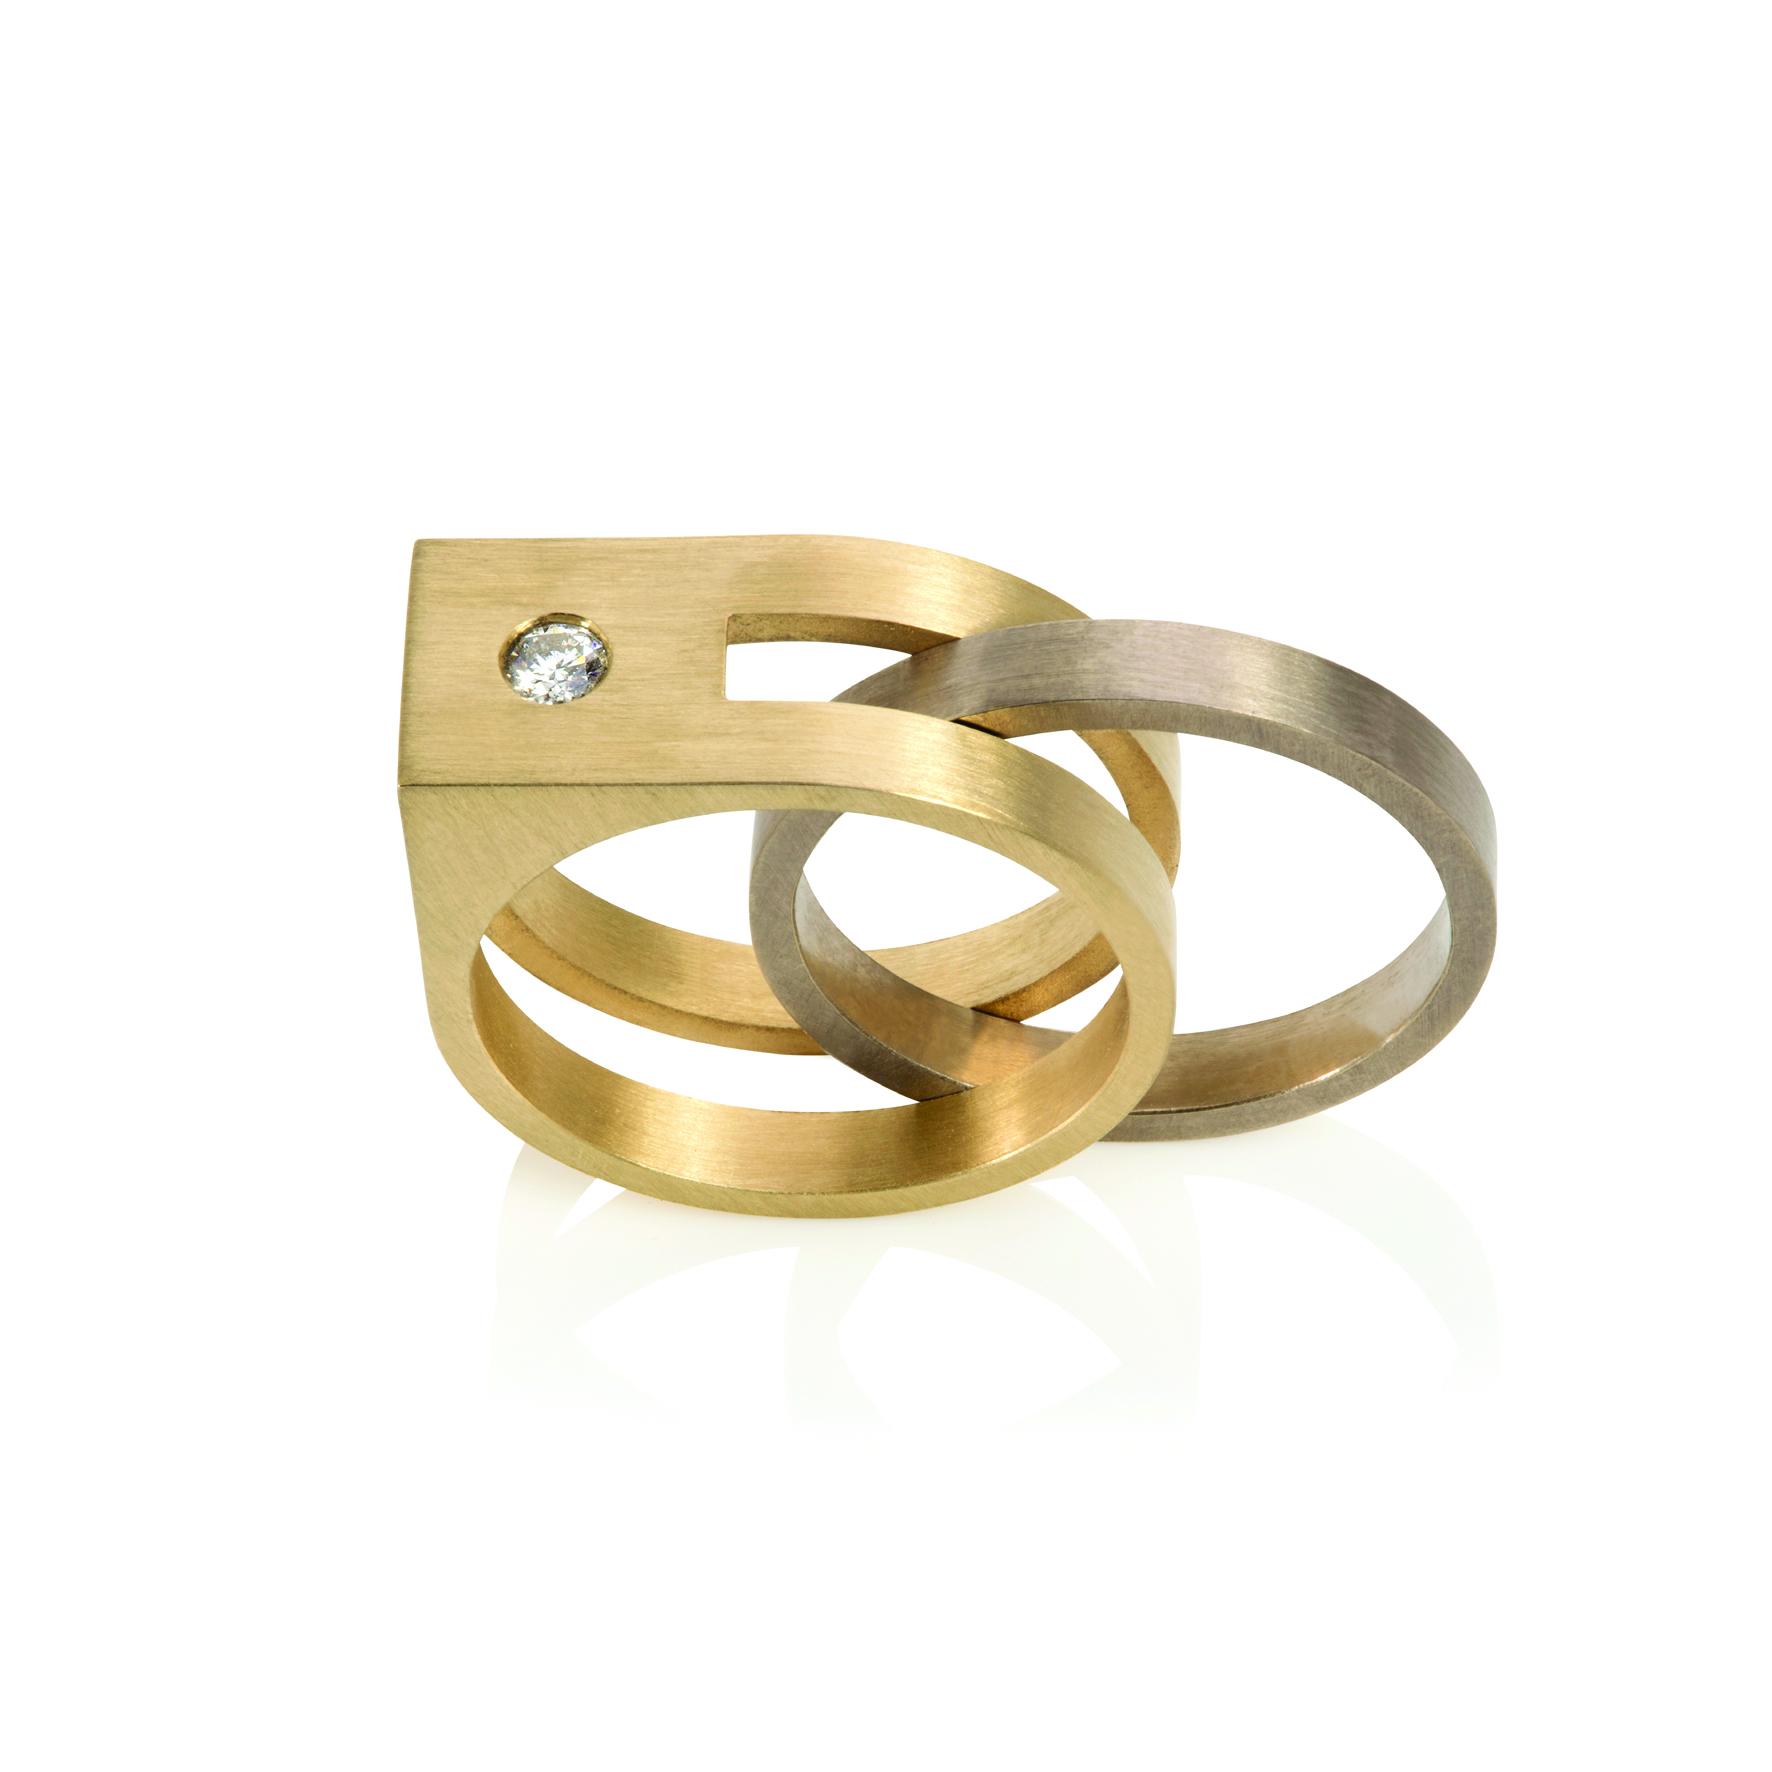 An Alleweireldt - Oxx Jewellery London3.jpg